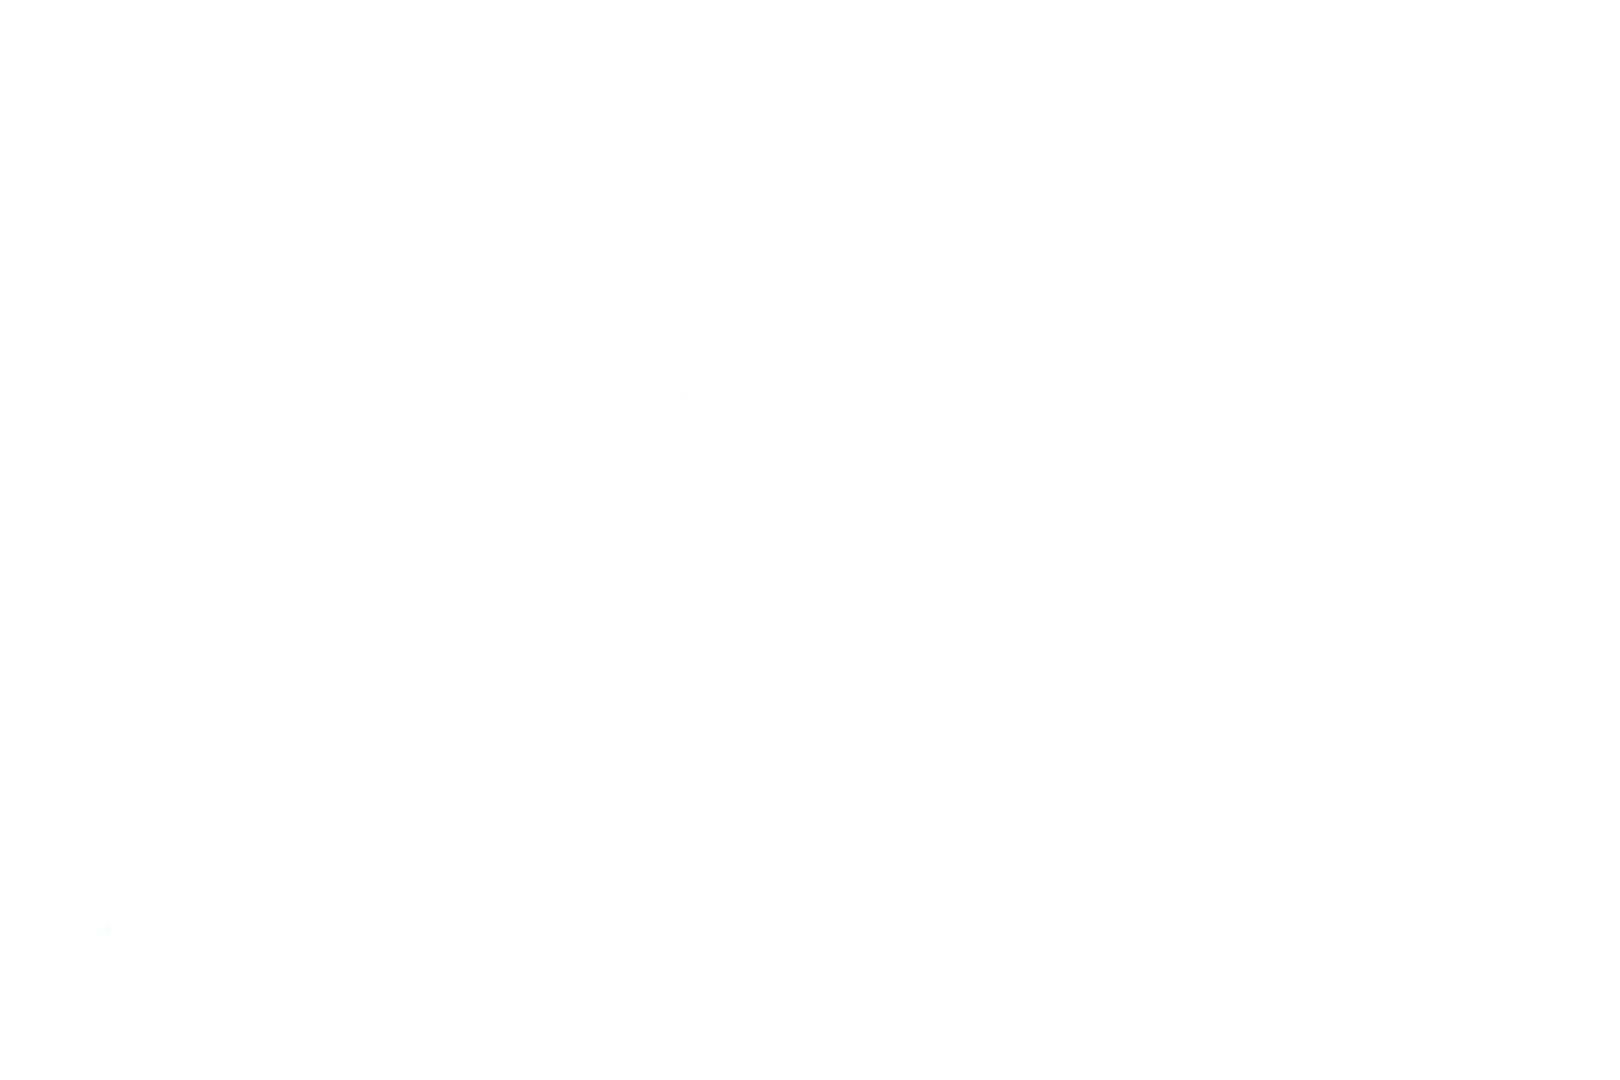 充血監督の深夜の運動会Vol.23 フェラチオシーン アダルト動画キャプチャ 76pic 37